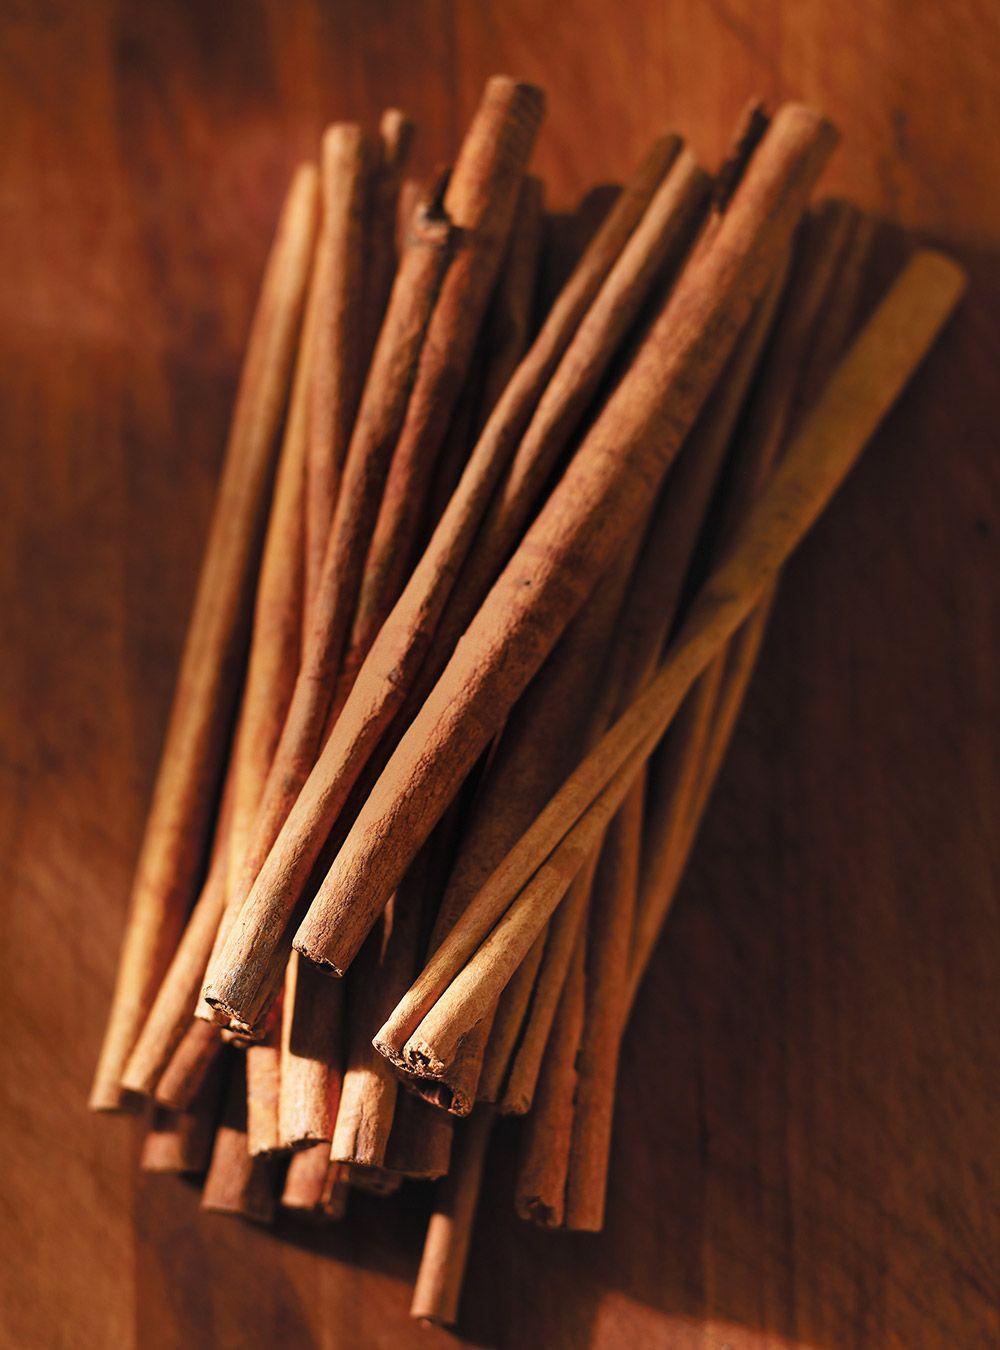 Recette de volaille. Avec du poulet, du cidre, des pommes Cortland, de la crème 35 %, de la cannelle. Une recette à faire en saison qui dégagera de doux arômes.